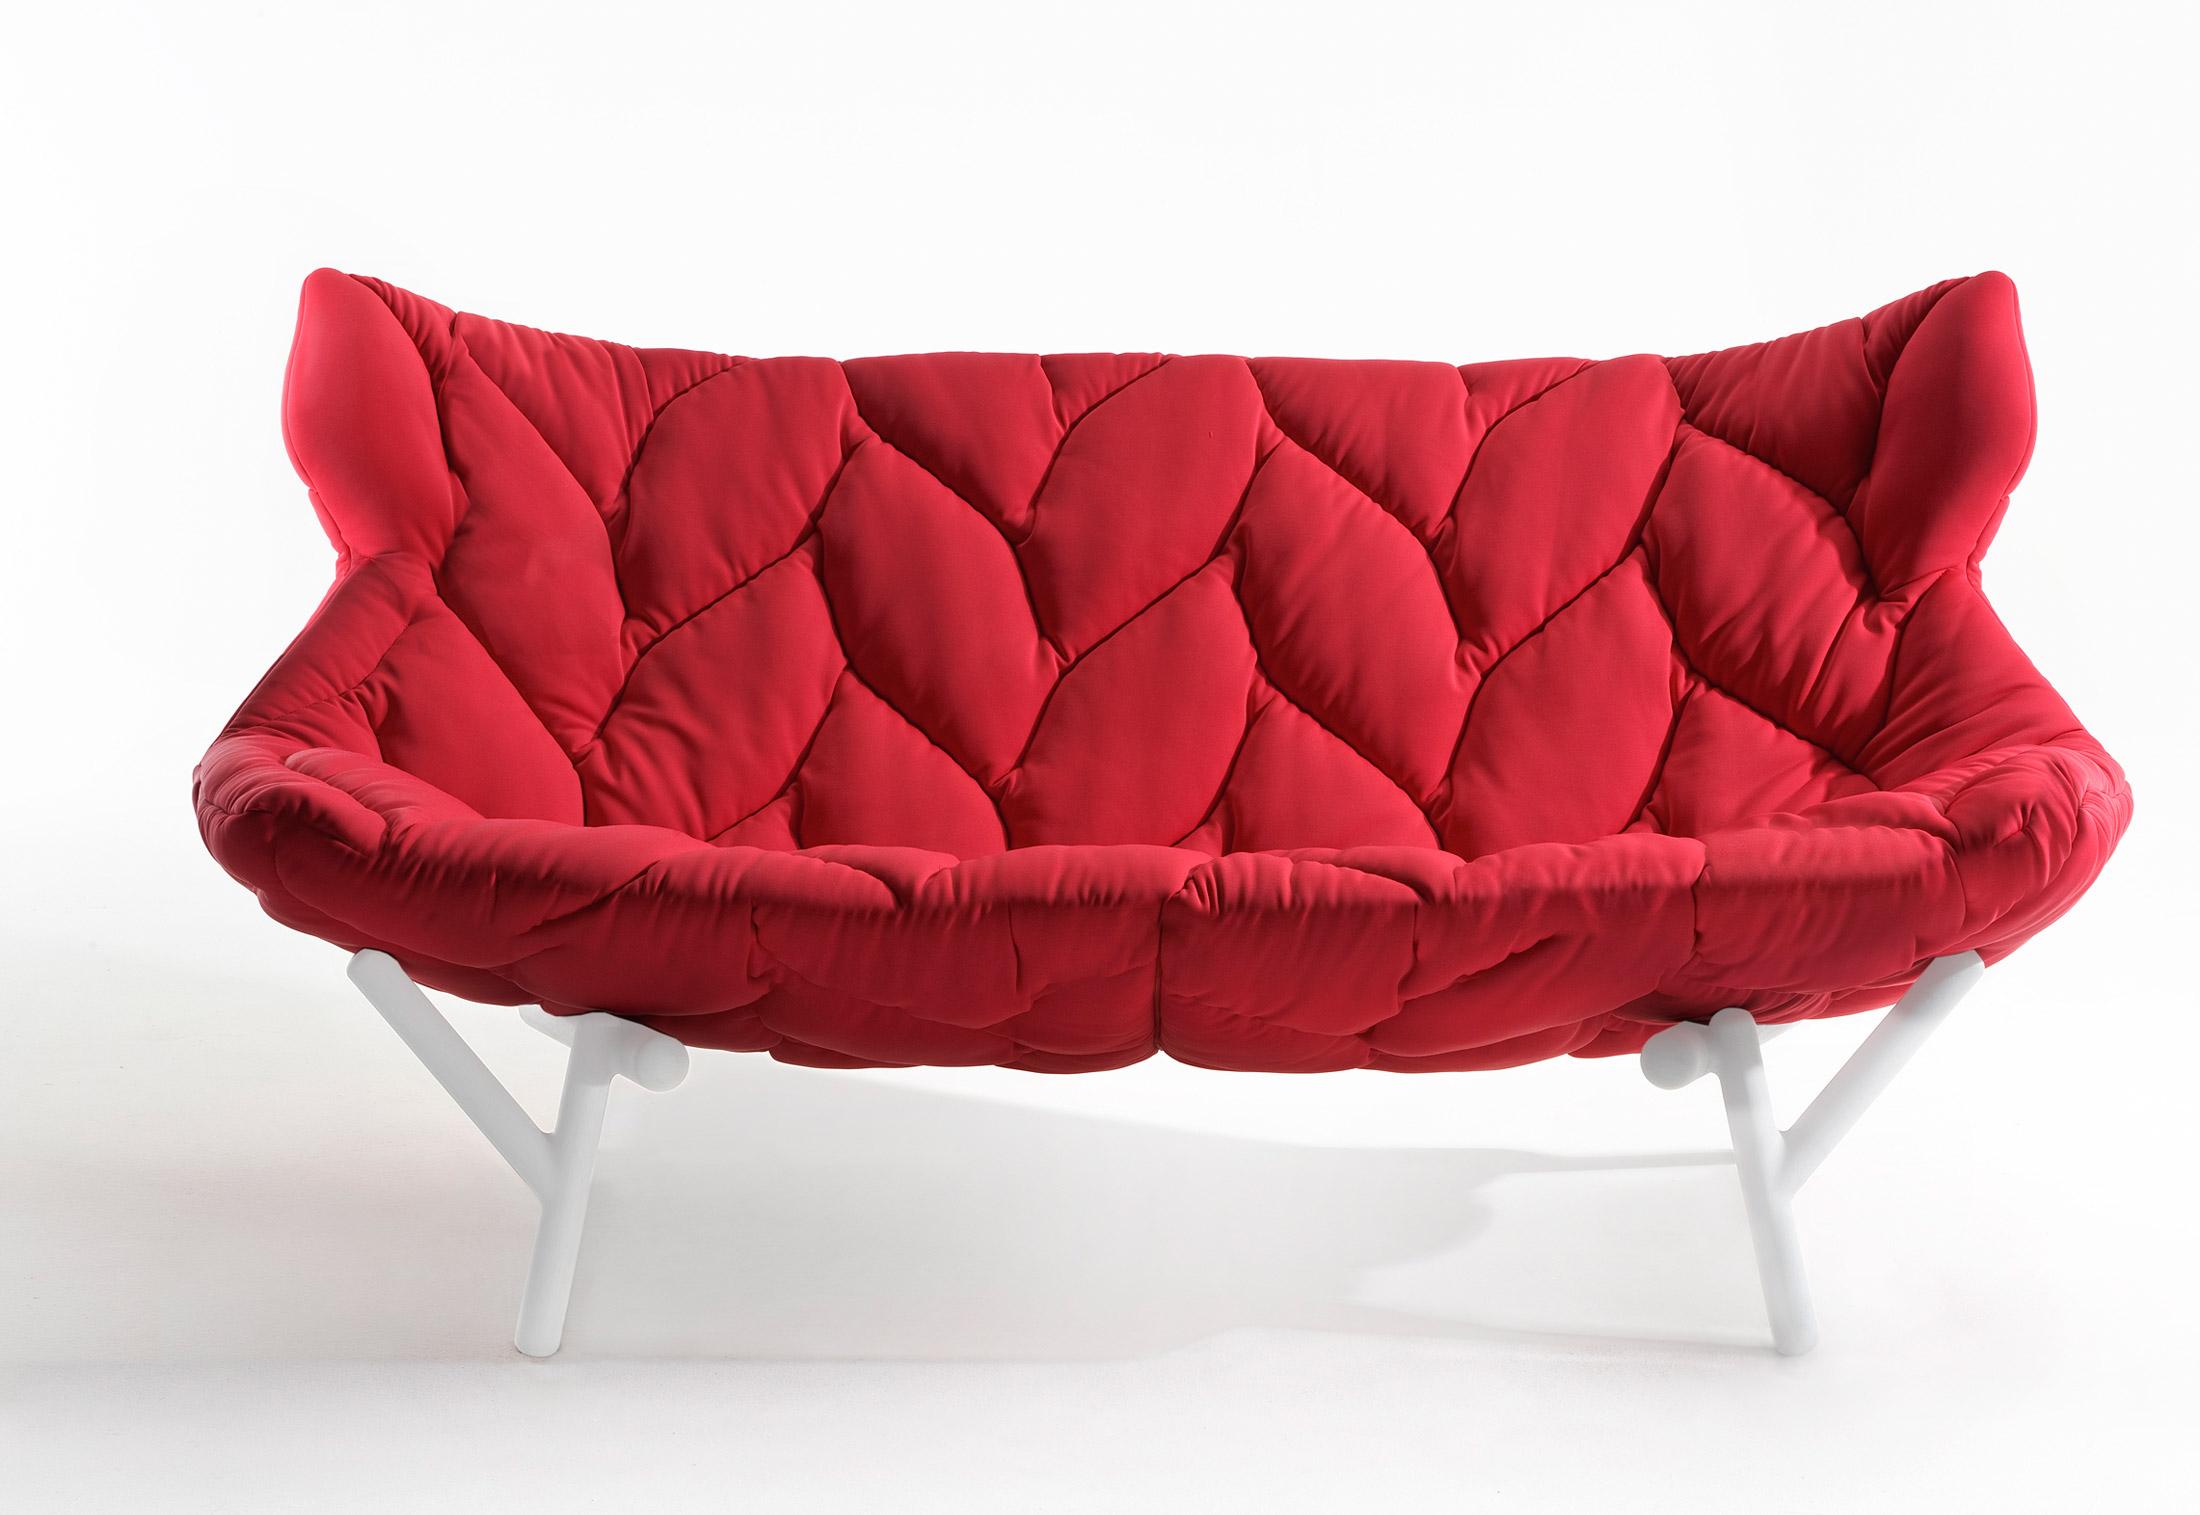 new home arreda molfetta arredamento casa mobili letti tavoli sedie. Black Bedroom Furniture Sets. Home Design Ideas